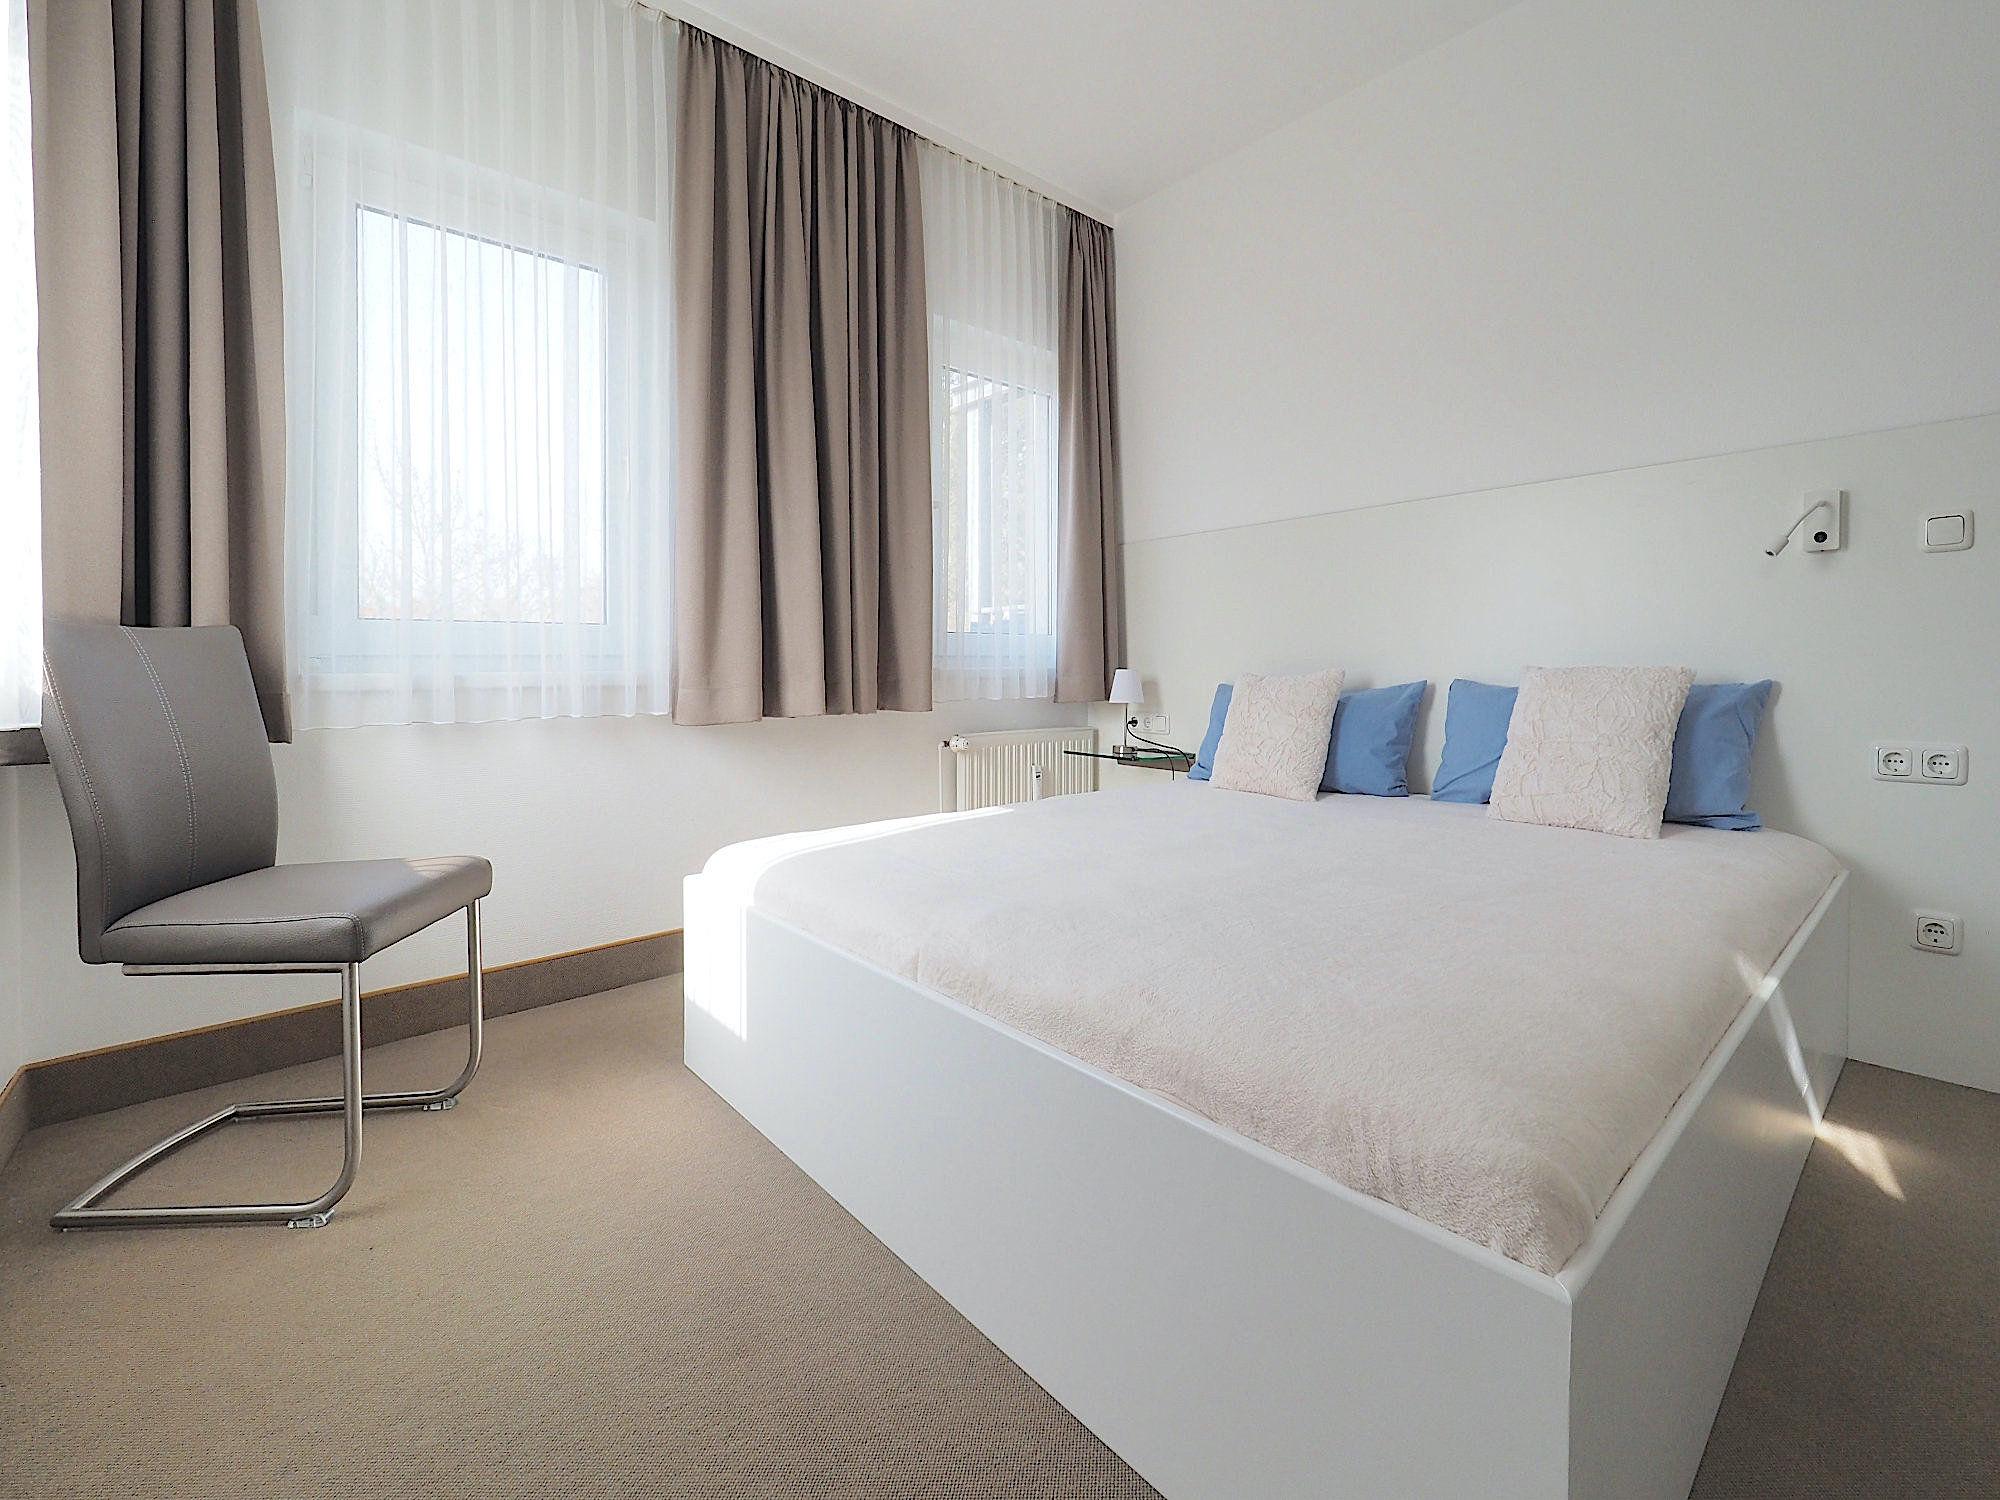 Schlafzimmer mit Doppelbett, im Hintergrund 2 Fenster